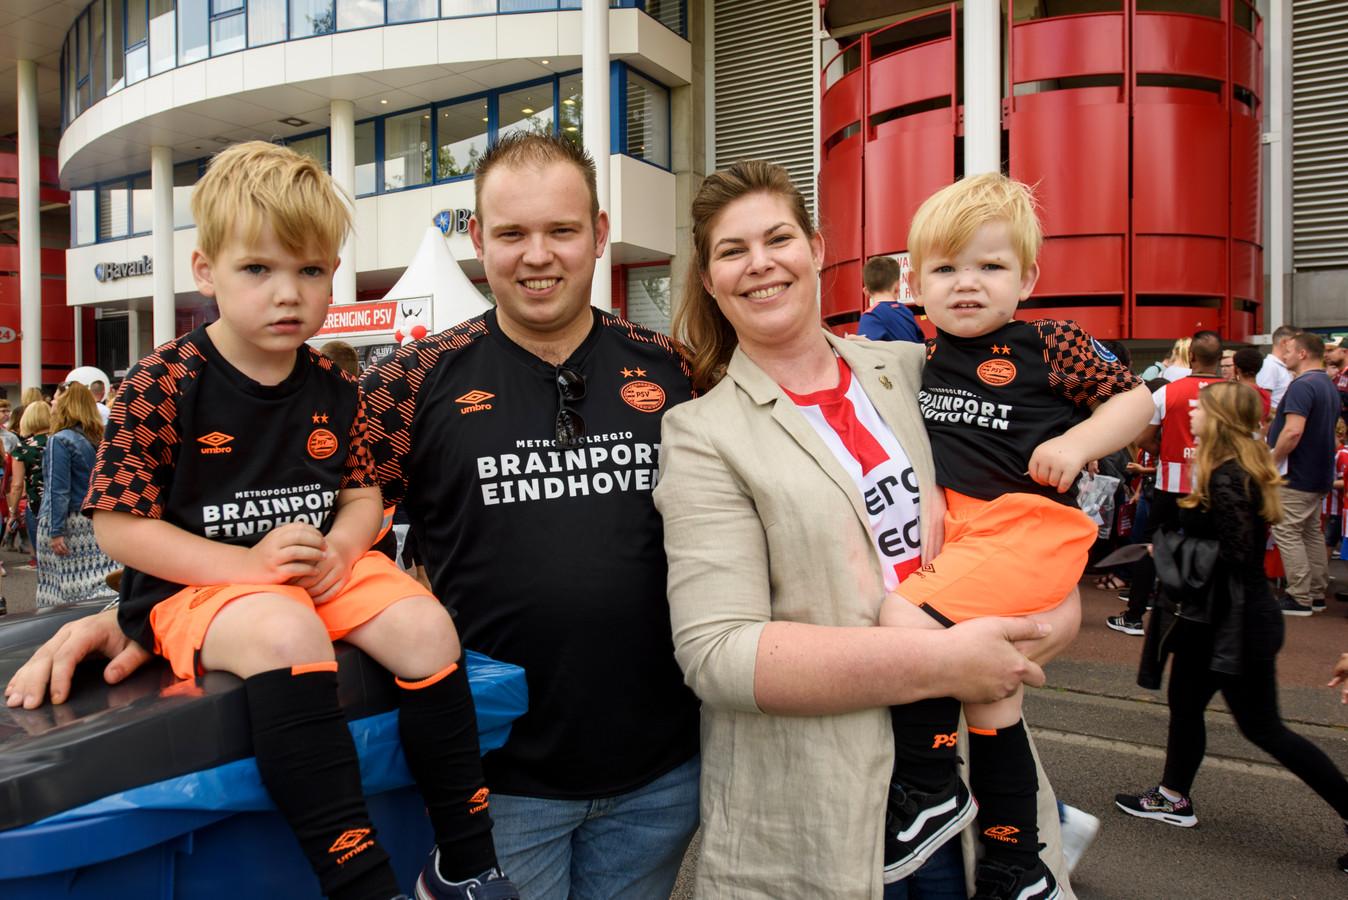 Robin en Sanne met hun zoons Stijn en Morris die samen met hun vader het nieuwe uittenue van PSV dragen.